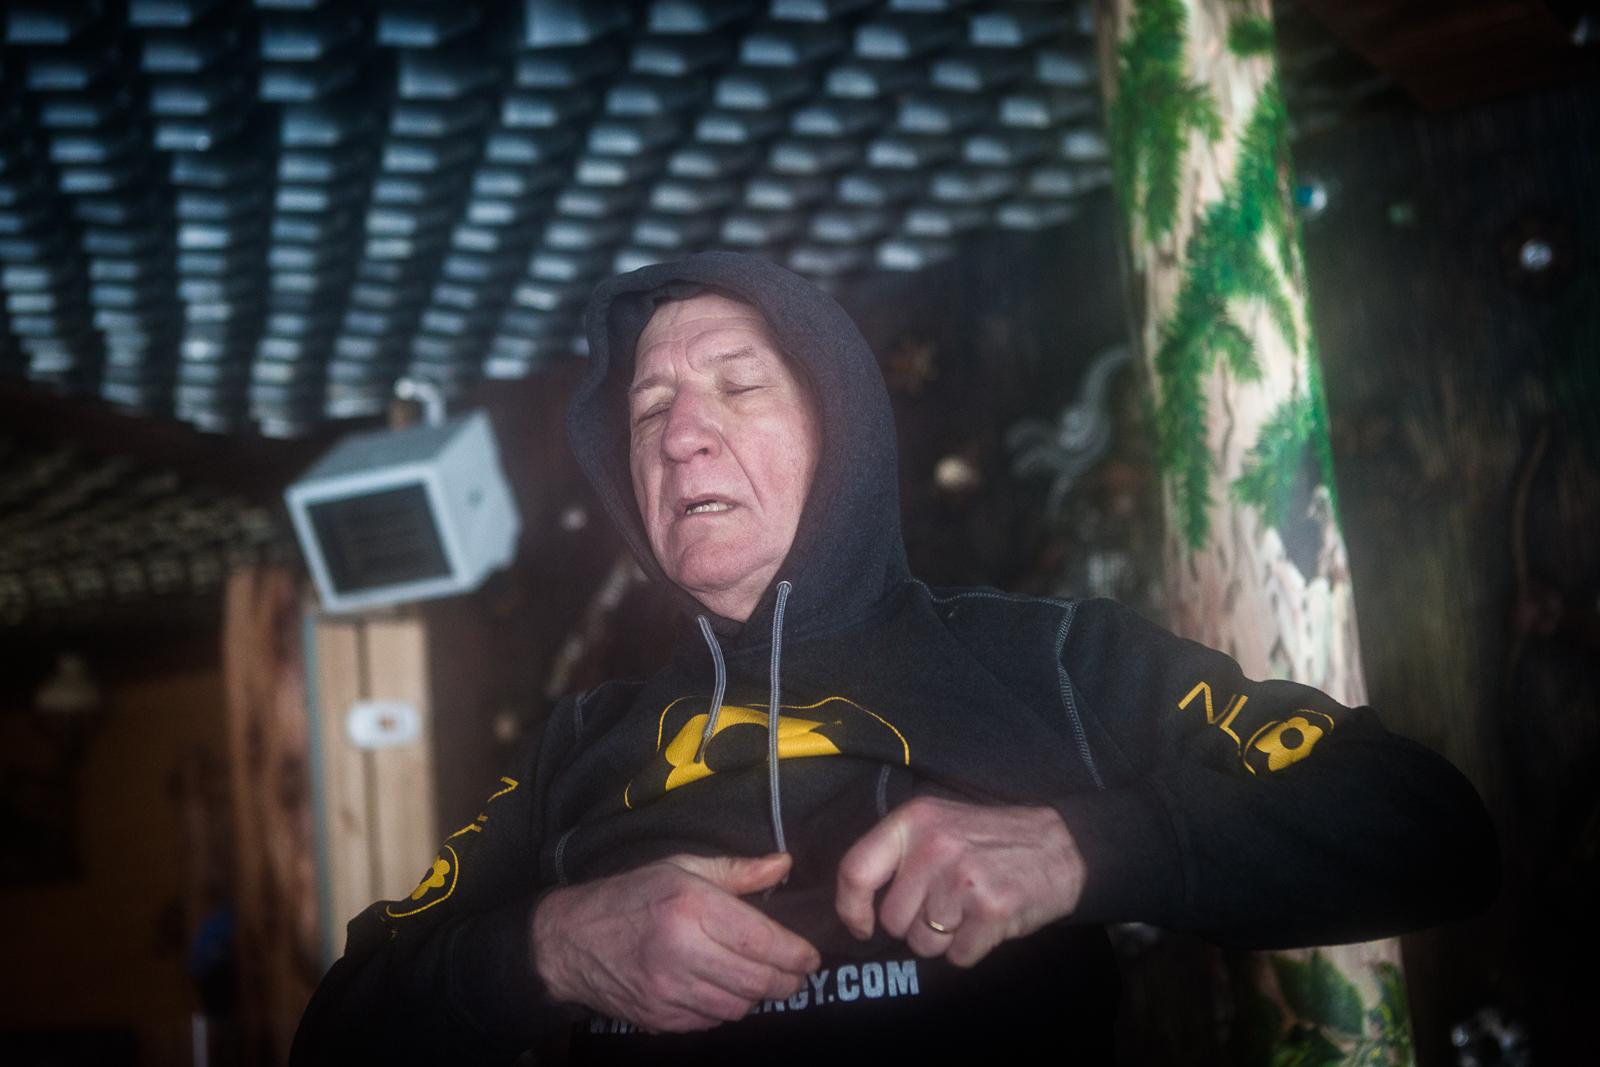 Karpacz, Pologne, 13/02/2014. Wubbo Ockels, 67 ans, ancien astronaute, se bat contre un cancer des reins et cherche un moyen de guérir lors de ce stage de résistance au froid. Il vient de terminer l'ascension de la  montagne Sniejka par des températures proches de -10°C.  Karpacz, Poland, 02.13.2014. Ockels, 67, former astronaut, fights against kidney cancer he's seeking to cure at this resistance to cold workshop. He just finished climbing the Sniejka montain, with temperatures close to -10°C.